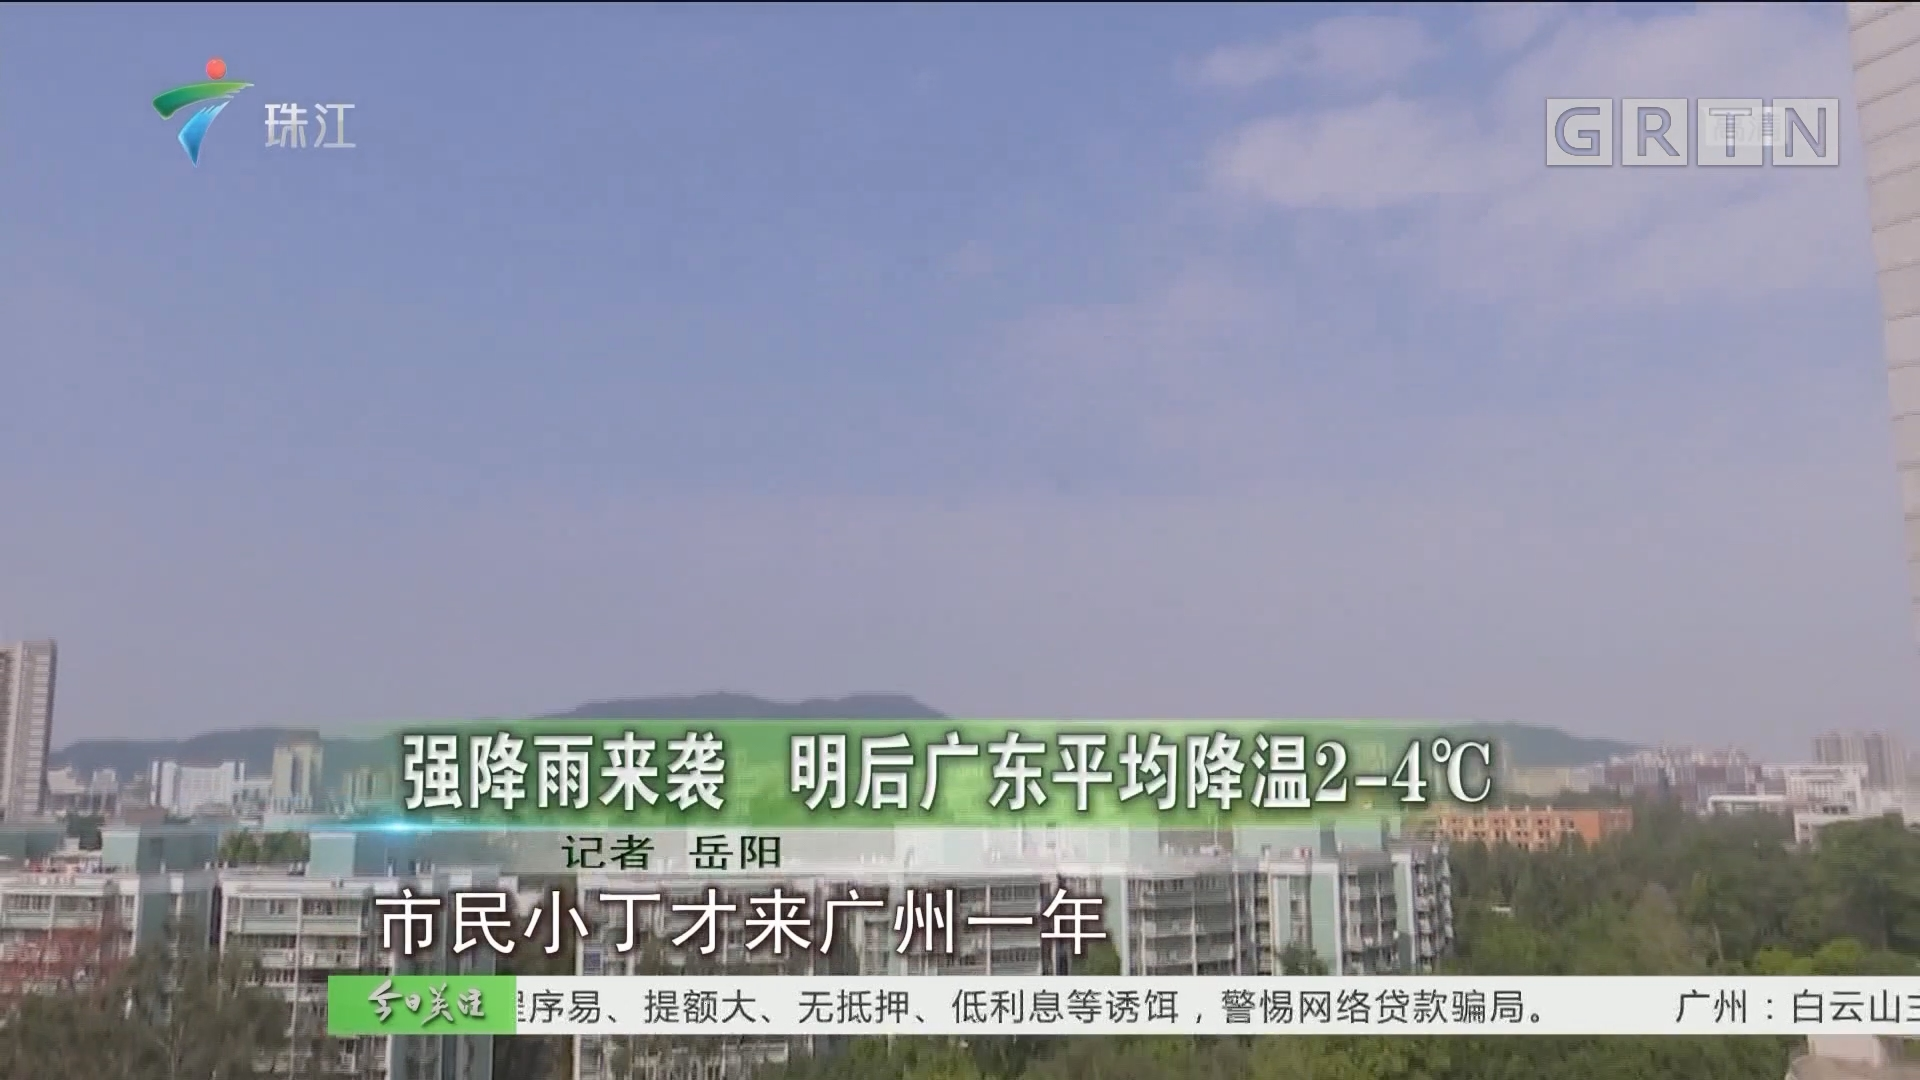 强降雨来袭 明后广东平均降温2-4℃